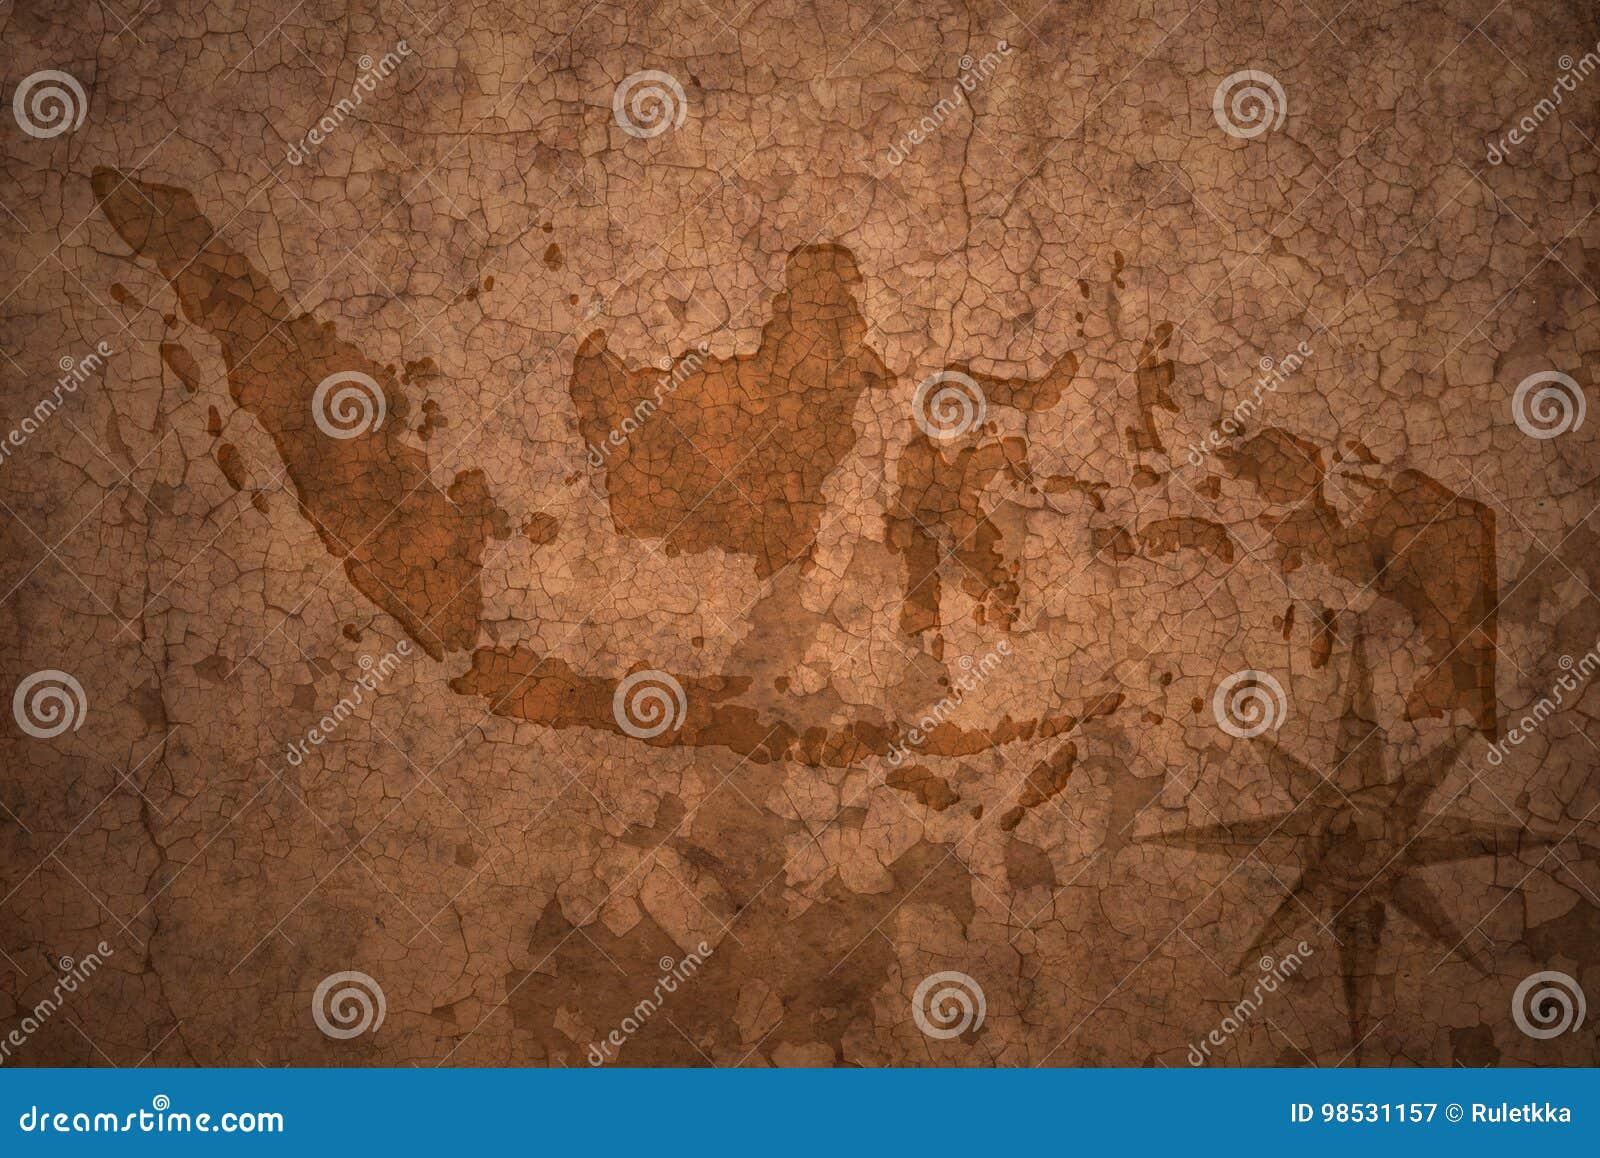 Indonezja mapa na rocznika papieru tle